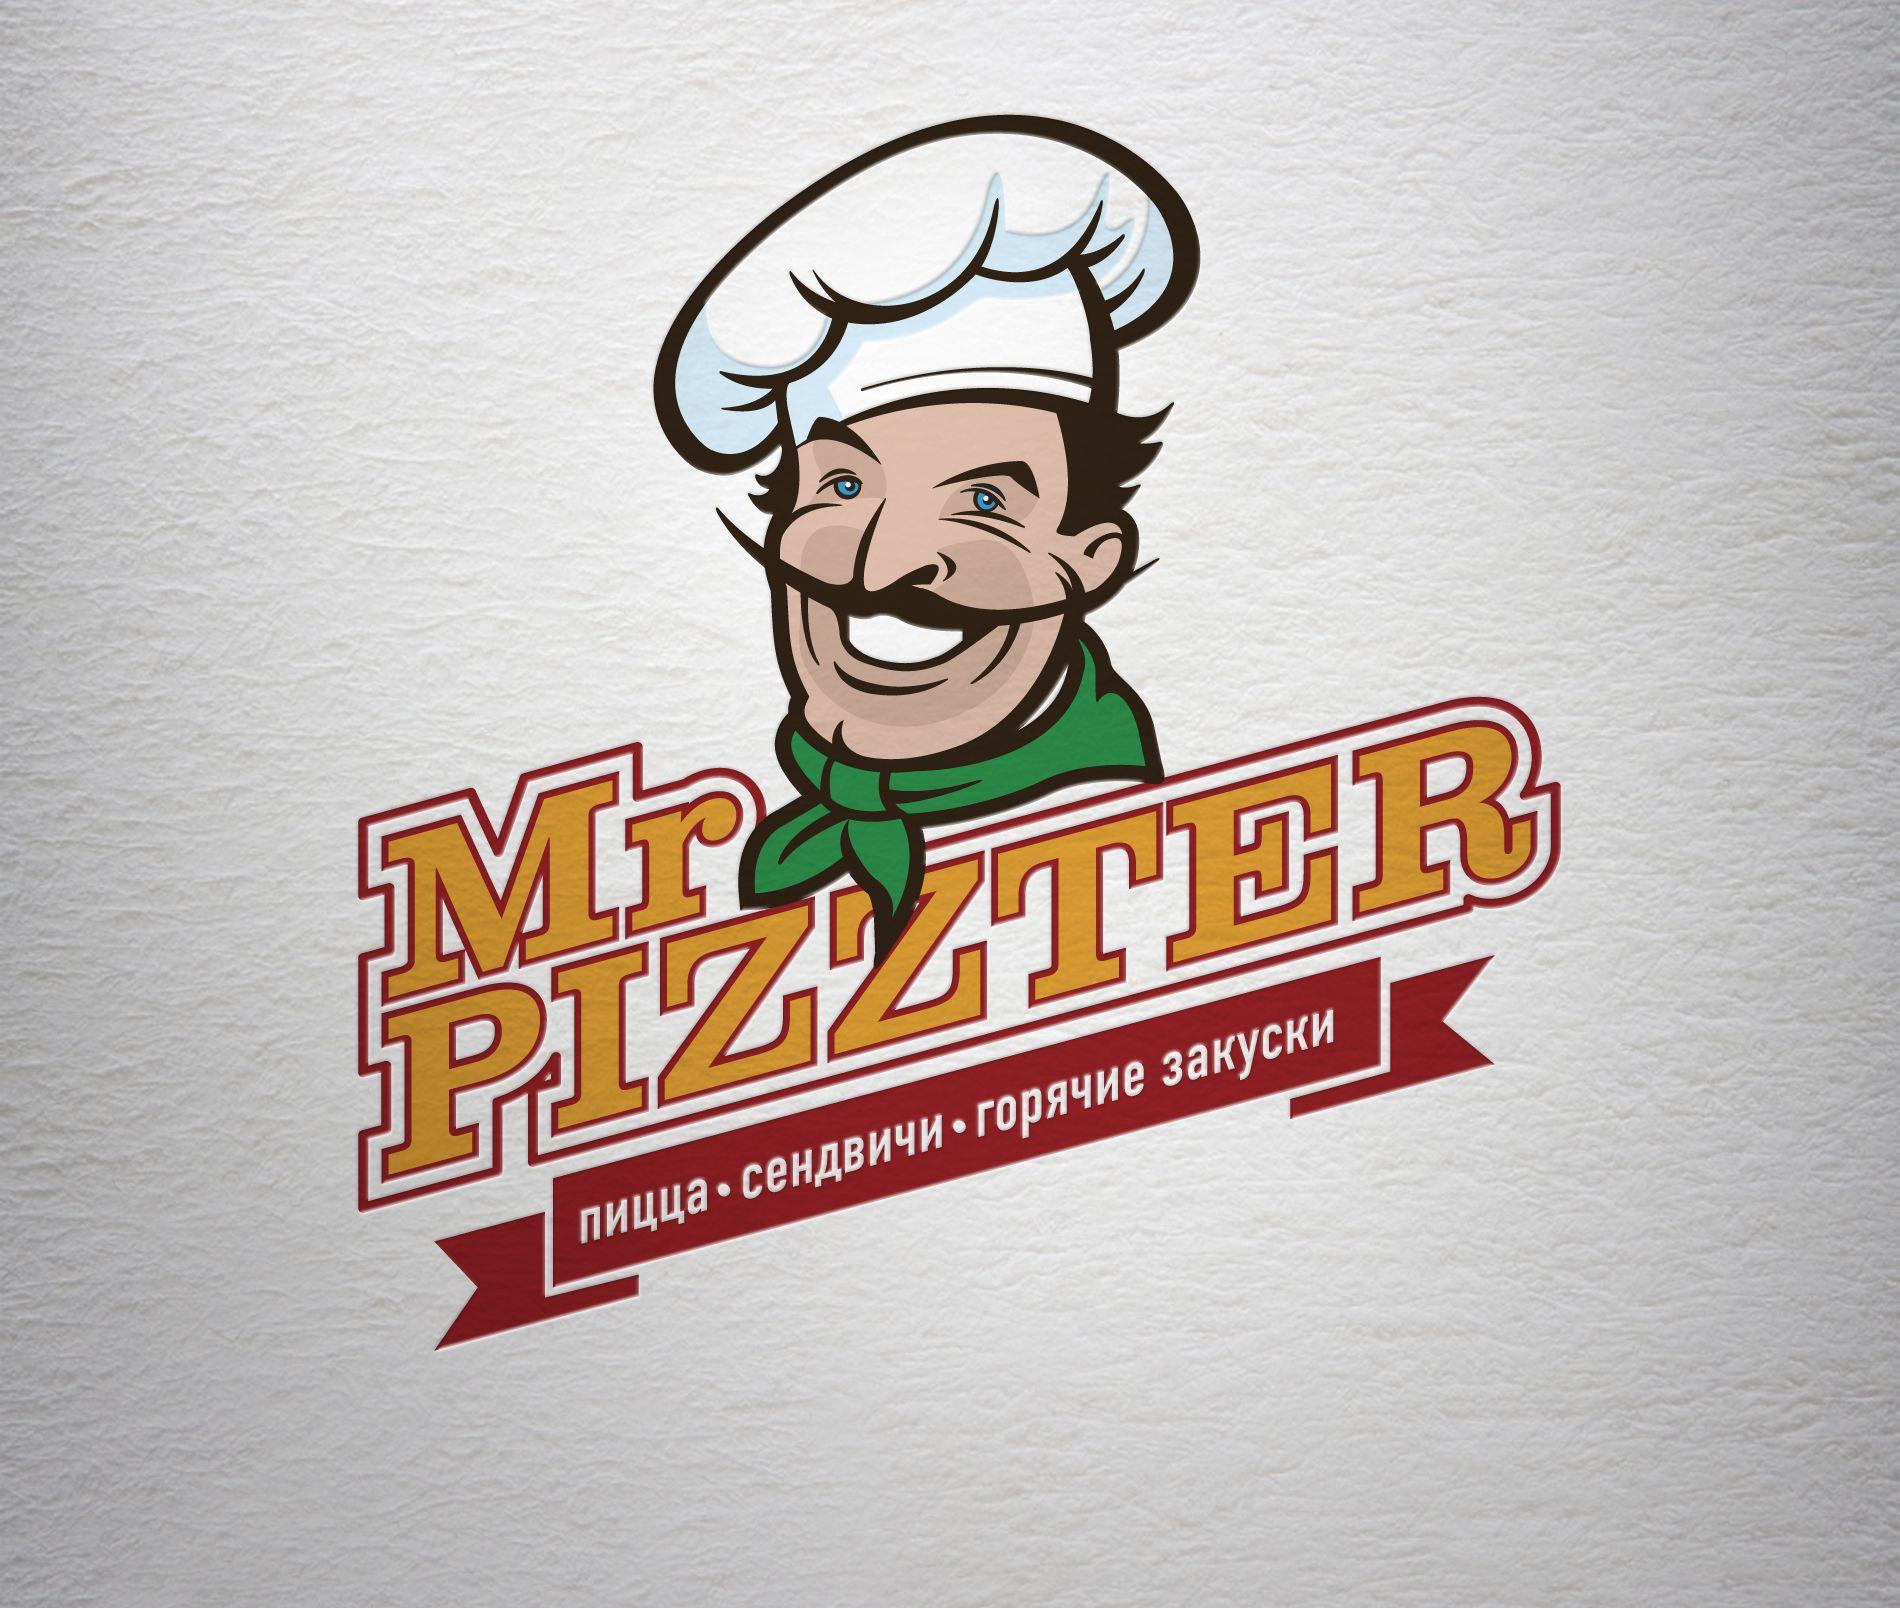 Доставка, кафе пиццы, сендвичей, бургеров. - дизайнер hotmart